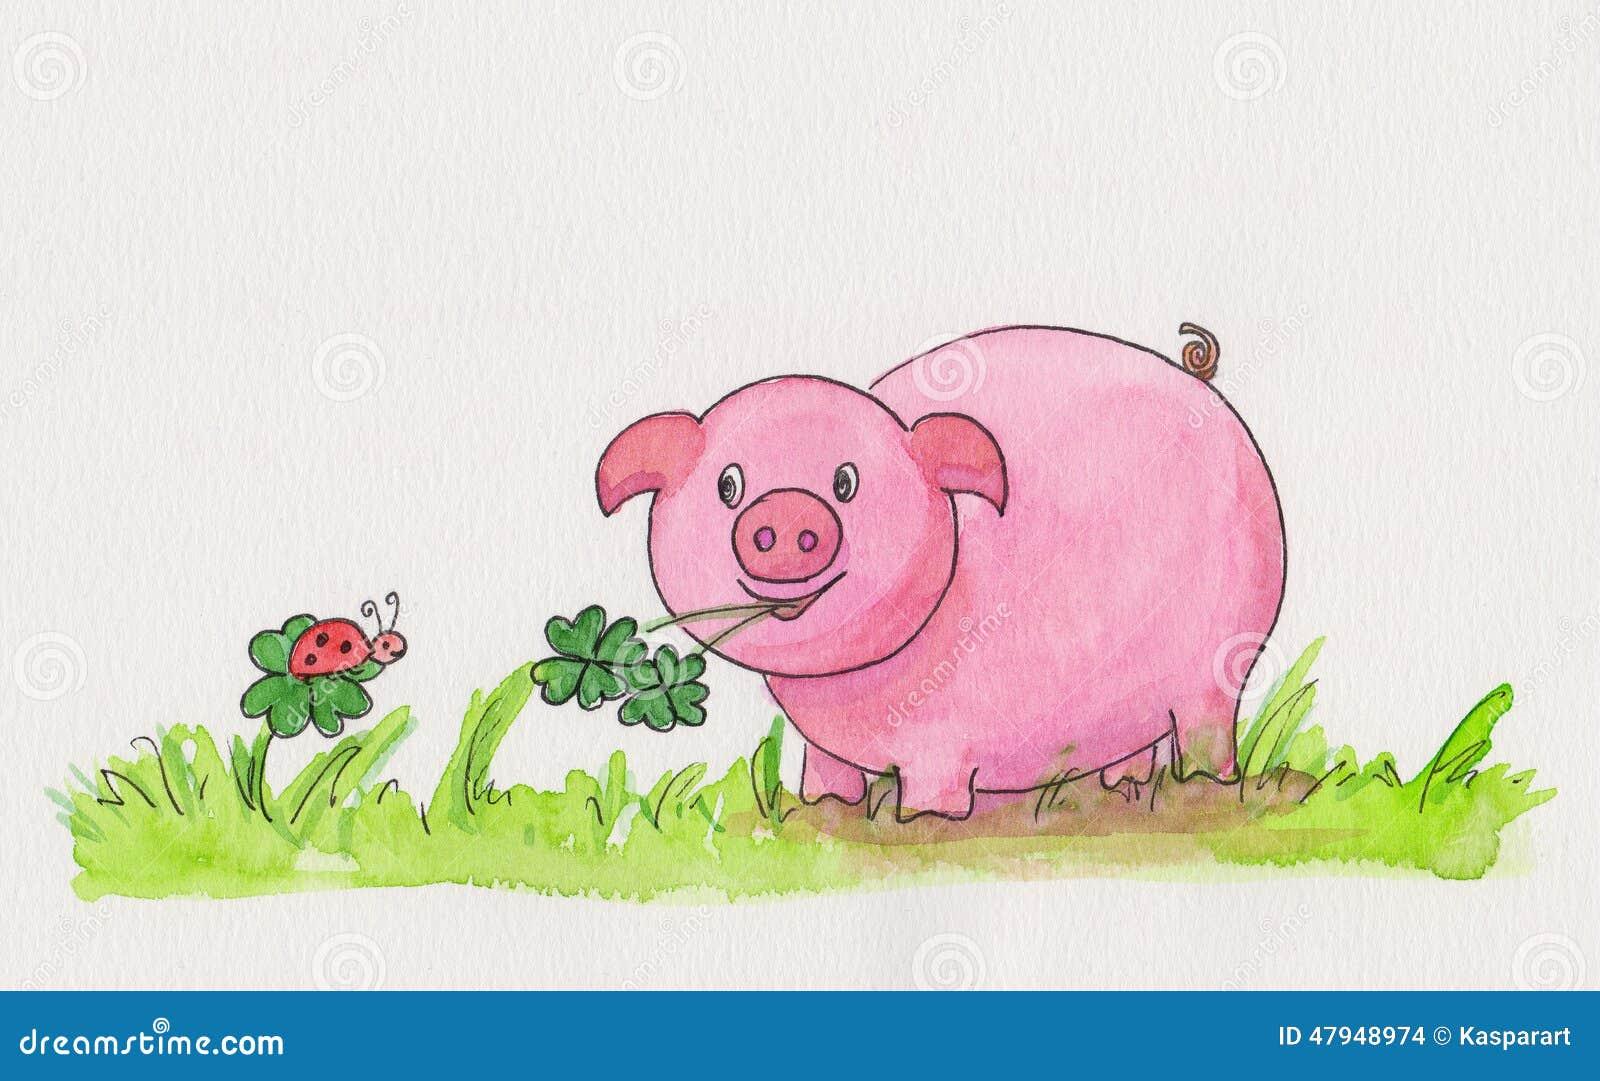 与显示猪四的拷贝空间的一张手画新年水彩绘画有叶的三叶草和瓢虫图片